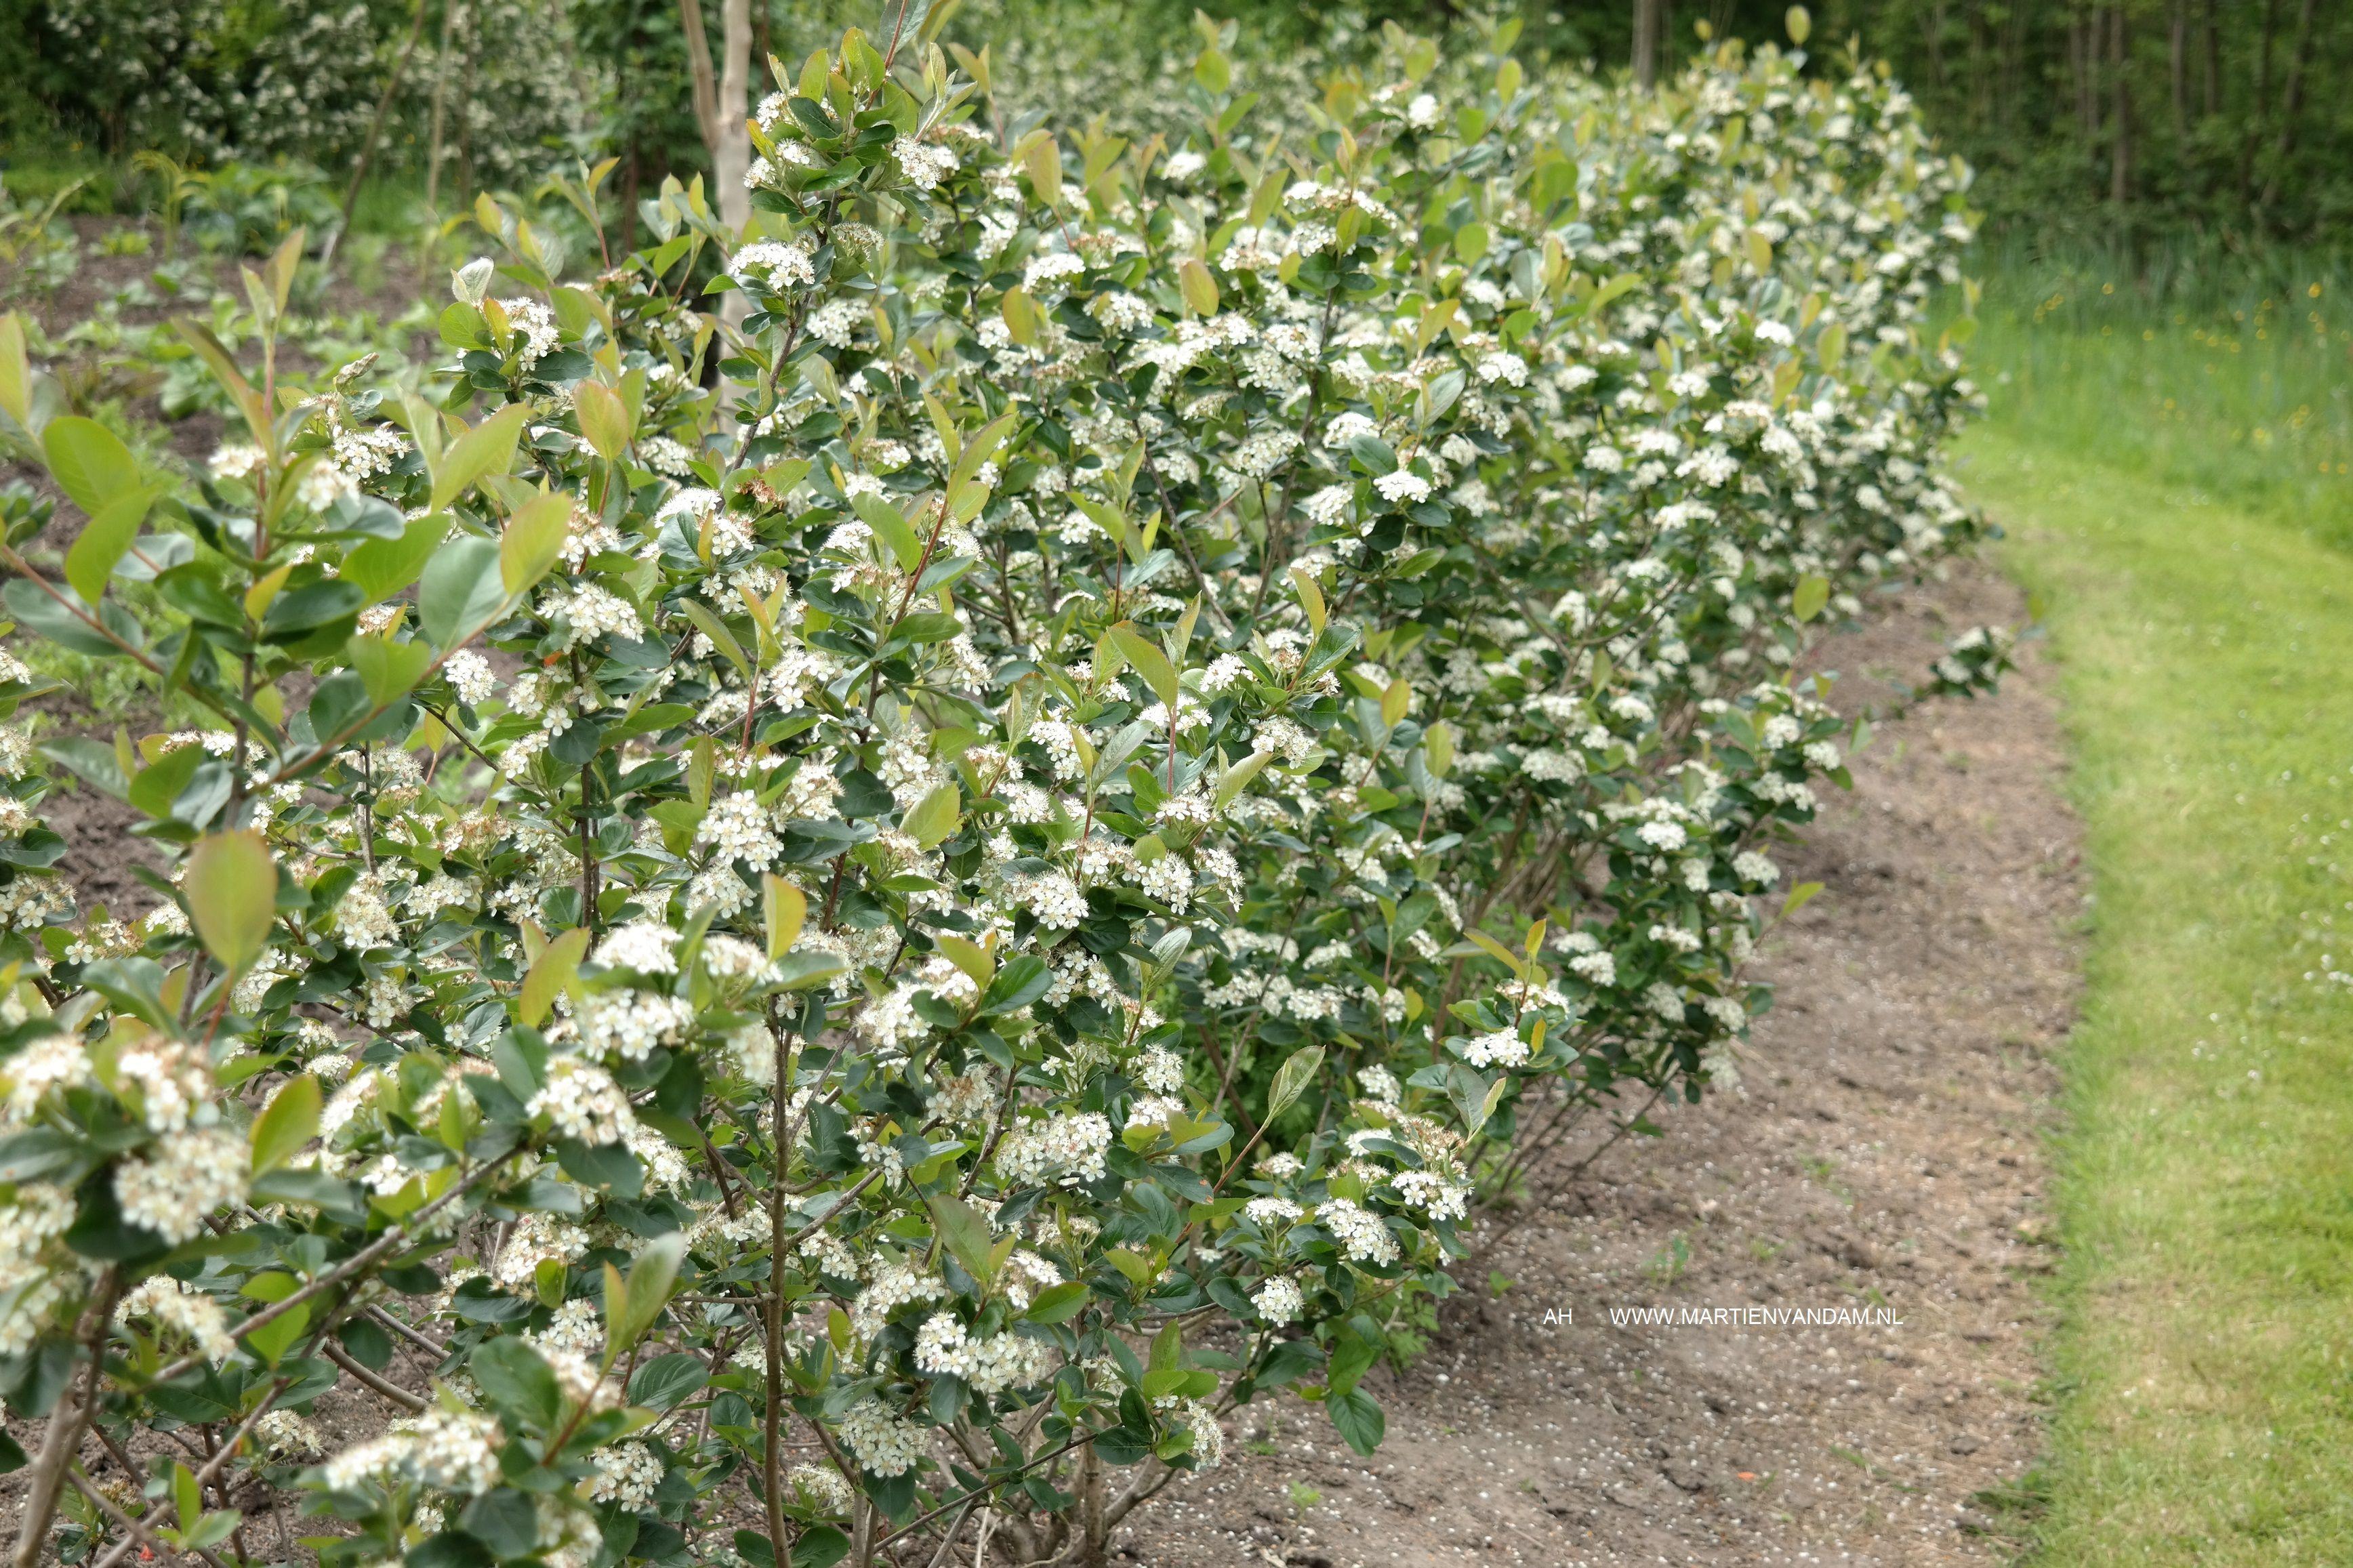 aronia arbutifolia ud appelbes als haag bij de groentetuin bloei mei witte bloemen with. Black Bedroom Furniture Sets. Home Design Ideas